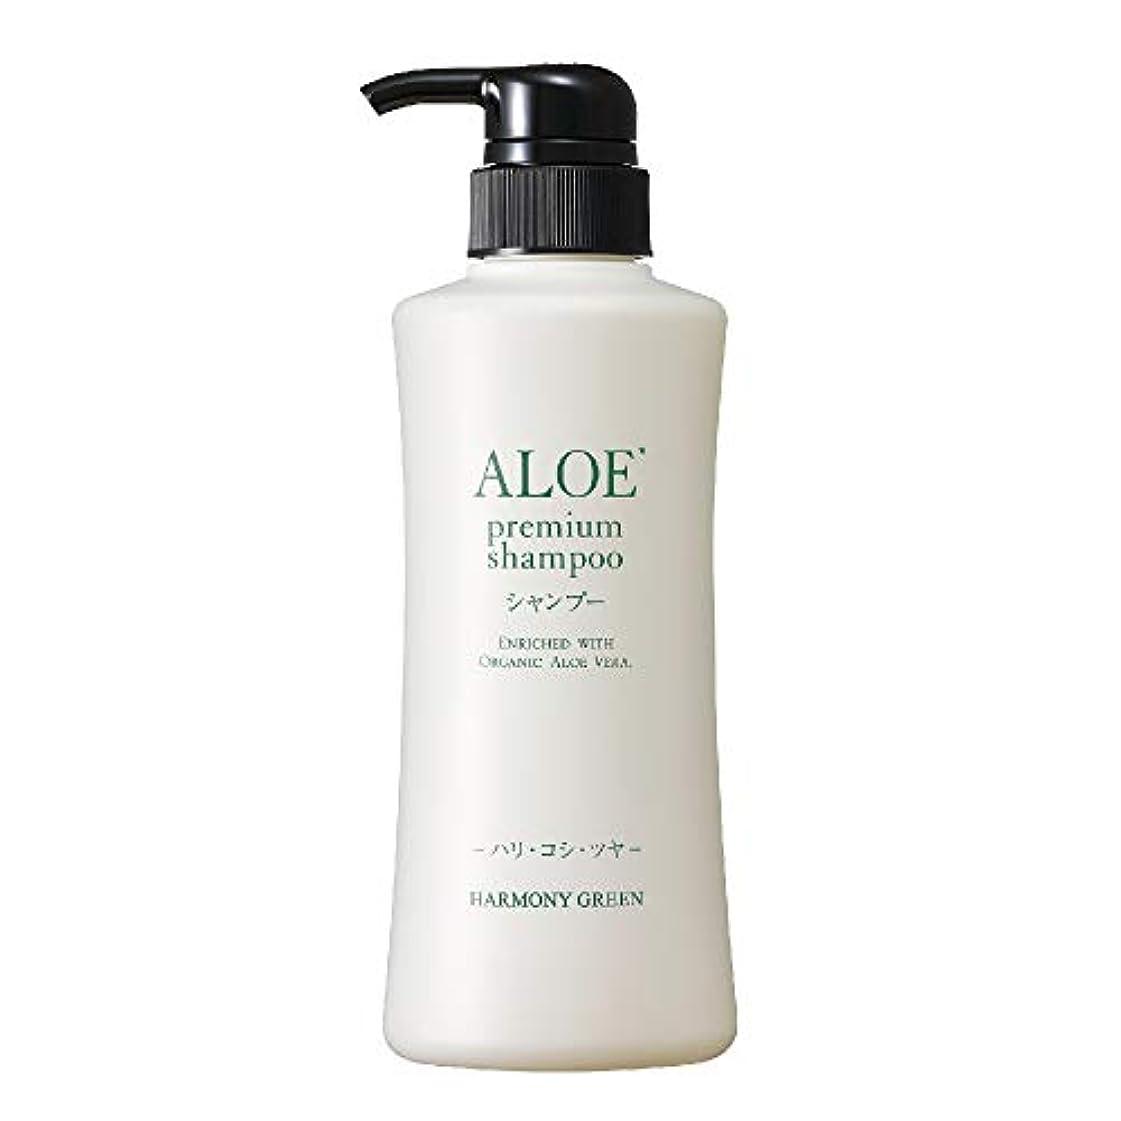 宿泊回復する旅アロエプレミアム シャンプー〈頭髪用洗浄料〉